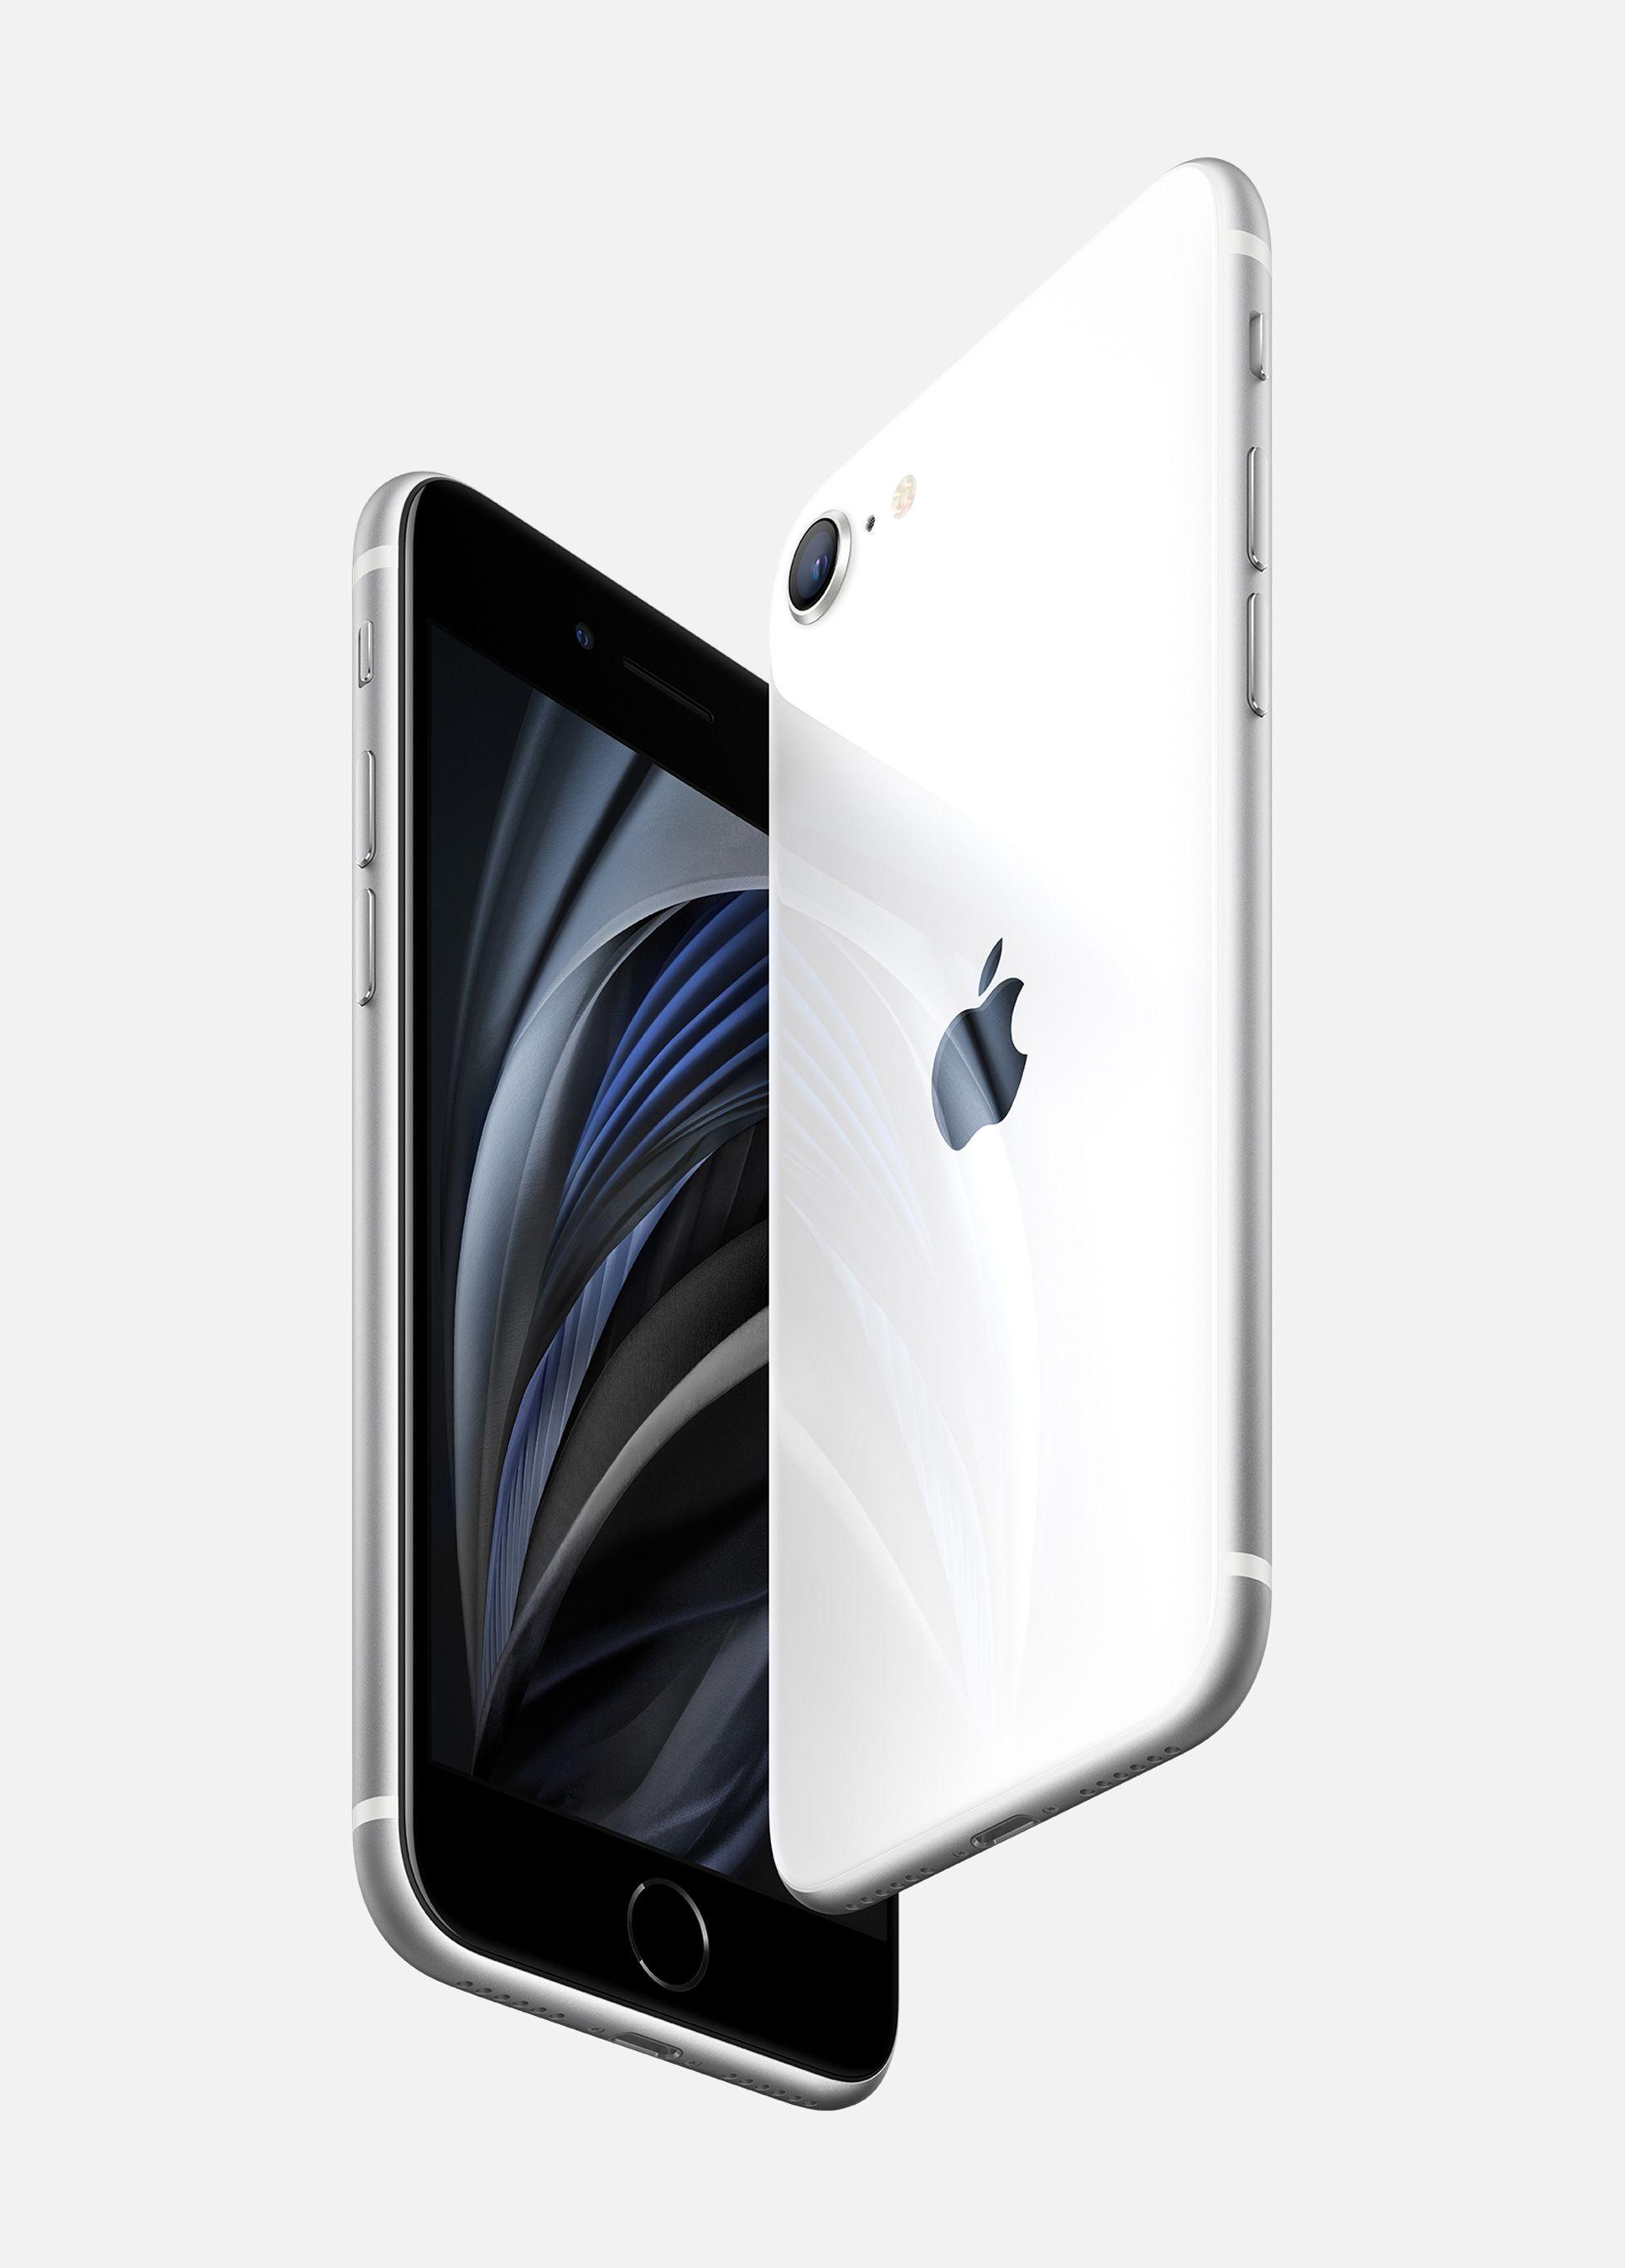 iPhone SE 2 marca a volta do botão Home e Touch ID. (Imagem: Divulgação/Apple)